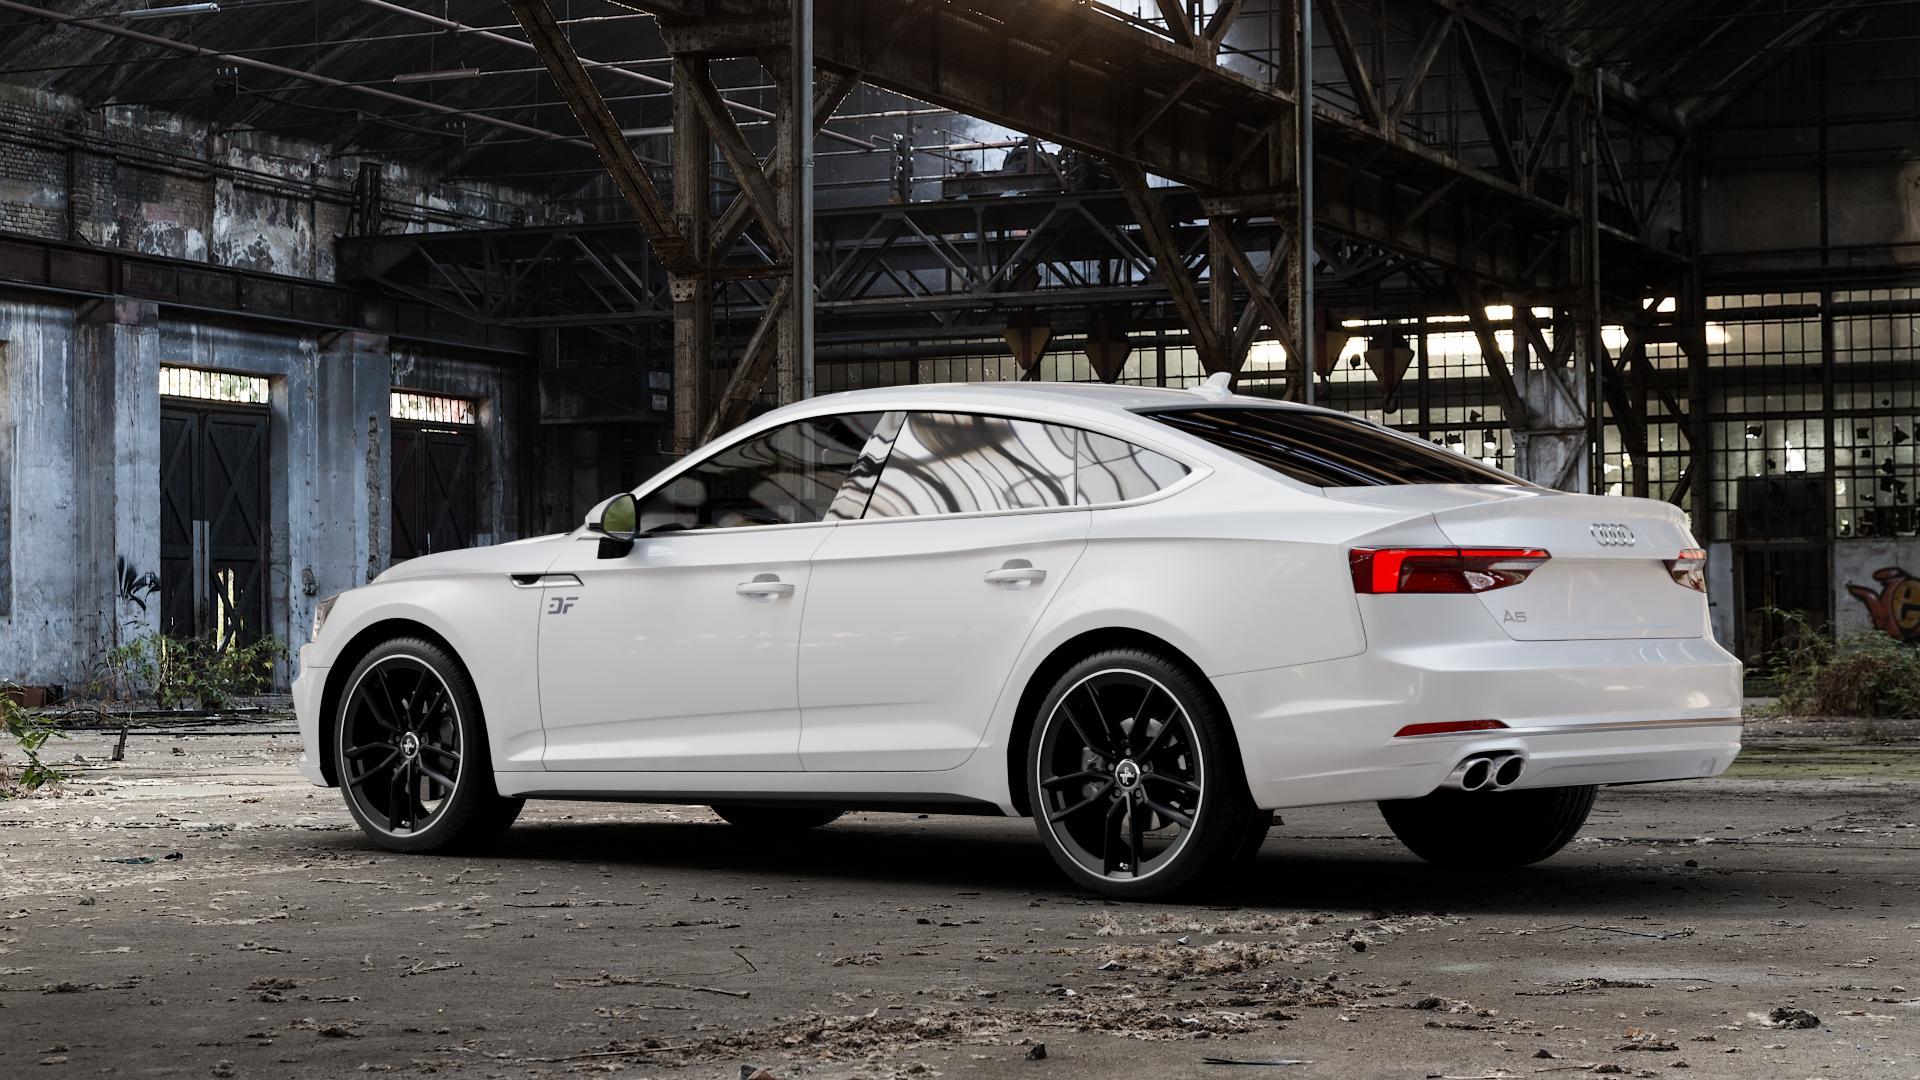 KESKIN KT21 MATT BLACK LIP POLISH Felge mit Reifen silber schwarz mehrfarbig in 19Zoll Winterfelge Alufelge auf weissem Audi A5 Typ B9 (Sportback) 2,0l TDI 140kW (190 PS) quattro TFSI 185kW (252 3,0l 160kW (218 200kW (272 1,4l 110kW (150 183kW (249 g-tron 125kW (170 Mild-Hybrid 100kW (136 210kW (286 45 180kW (245 35 40 50 170kW (231 120kW (163 30 ⬇️ mit 15mm Ti